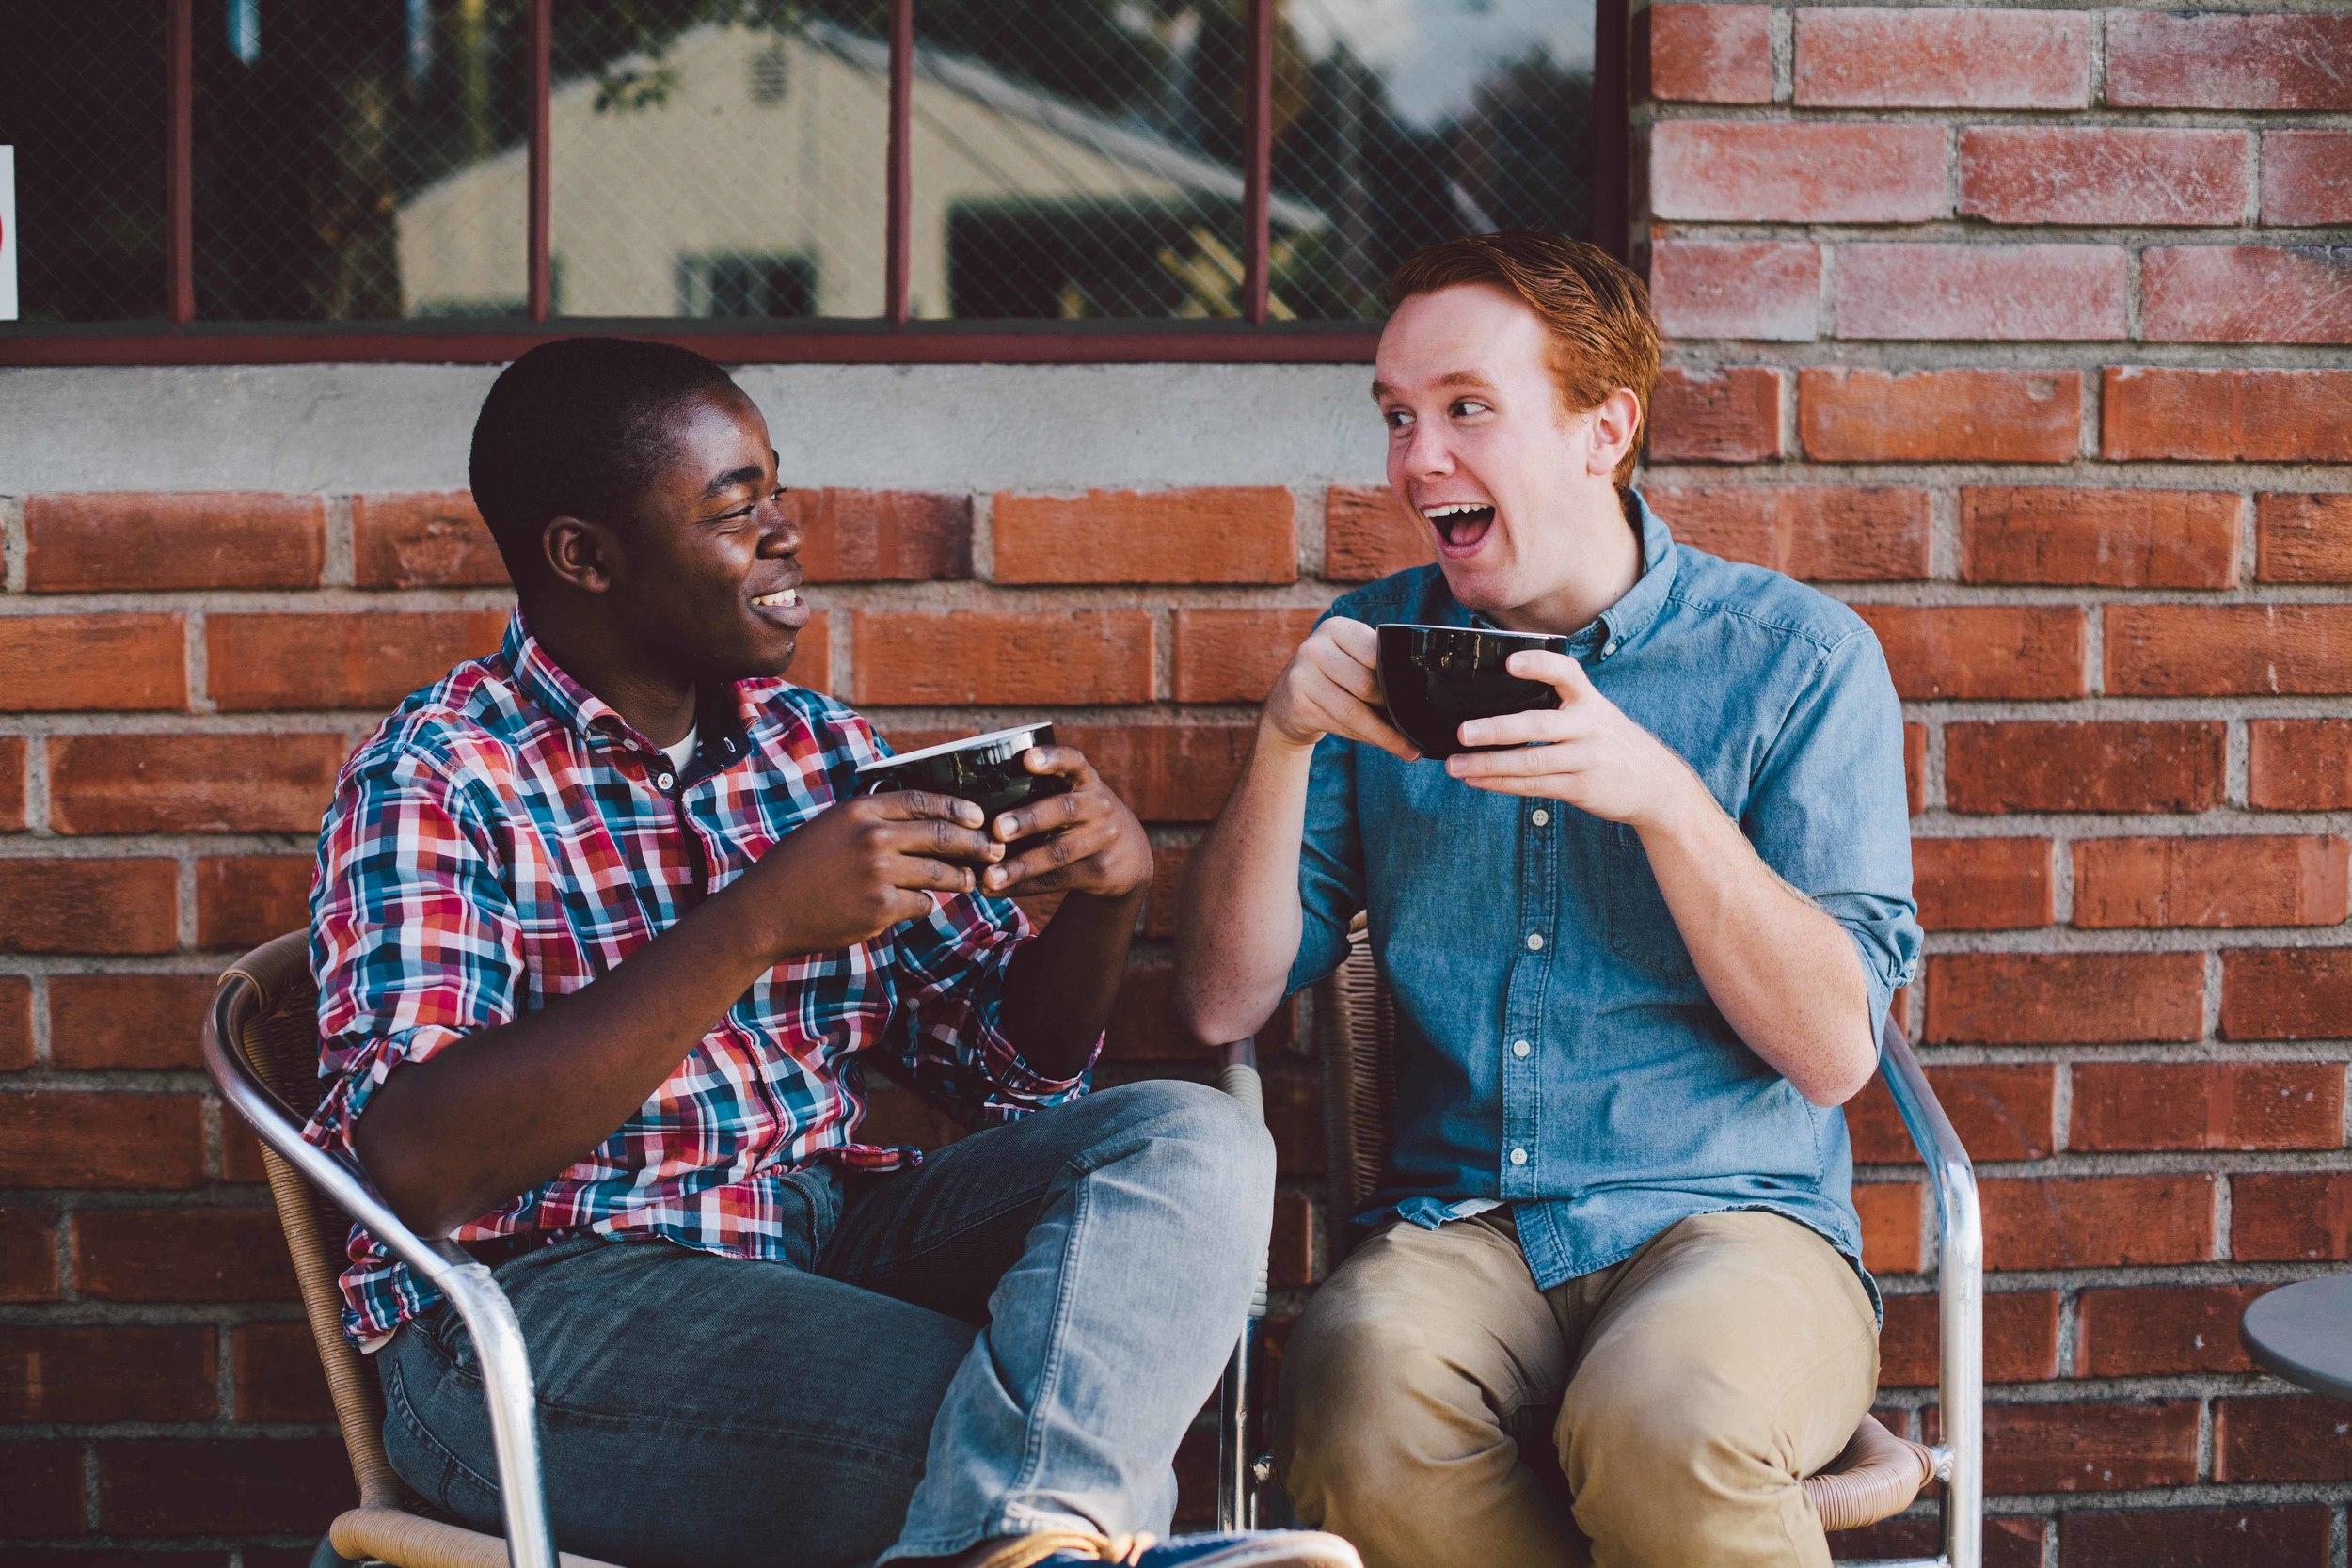 guys meeting guys